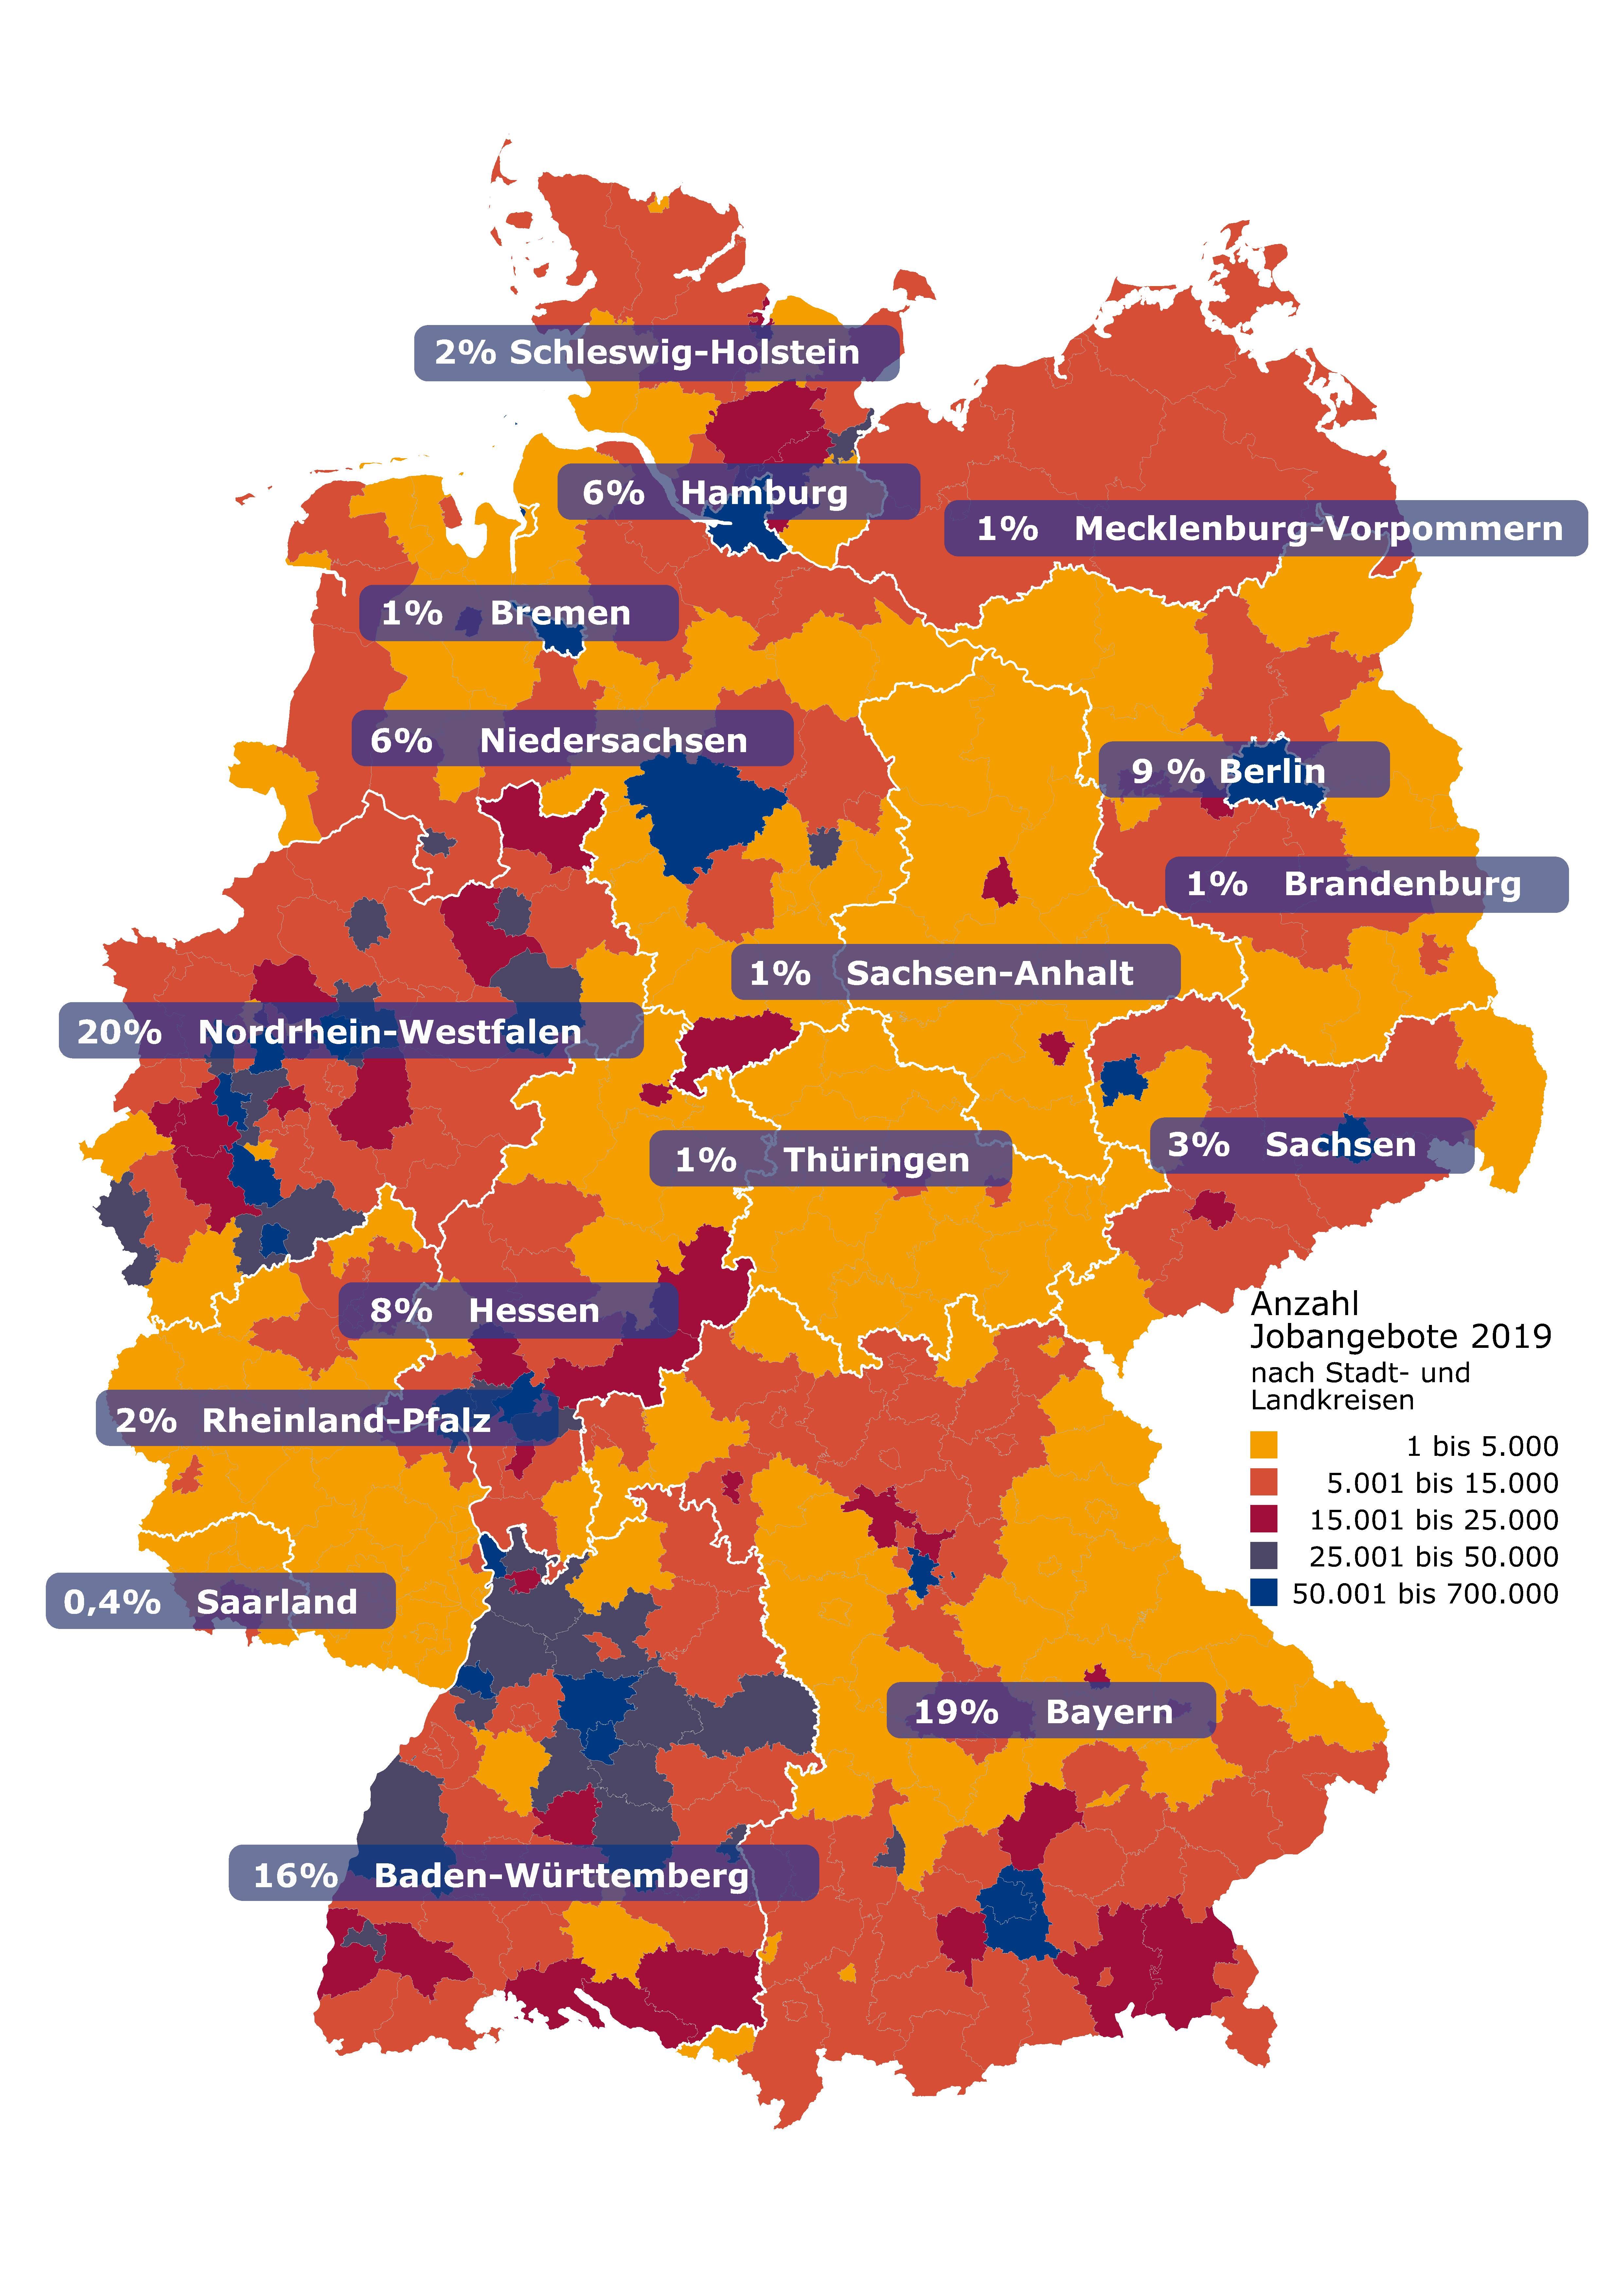 Stellenmarkt 2019 Bundesländer